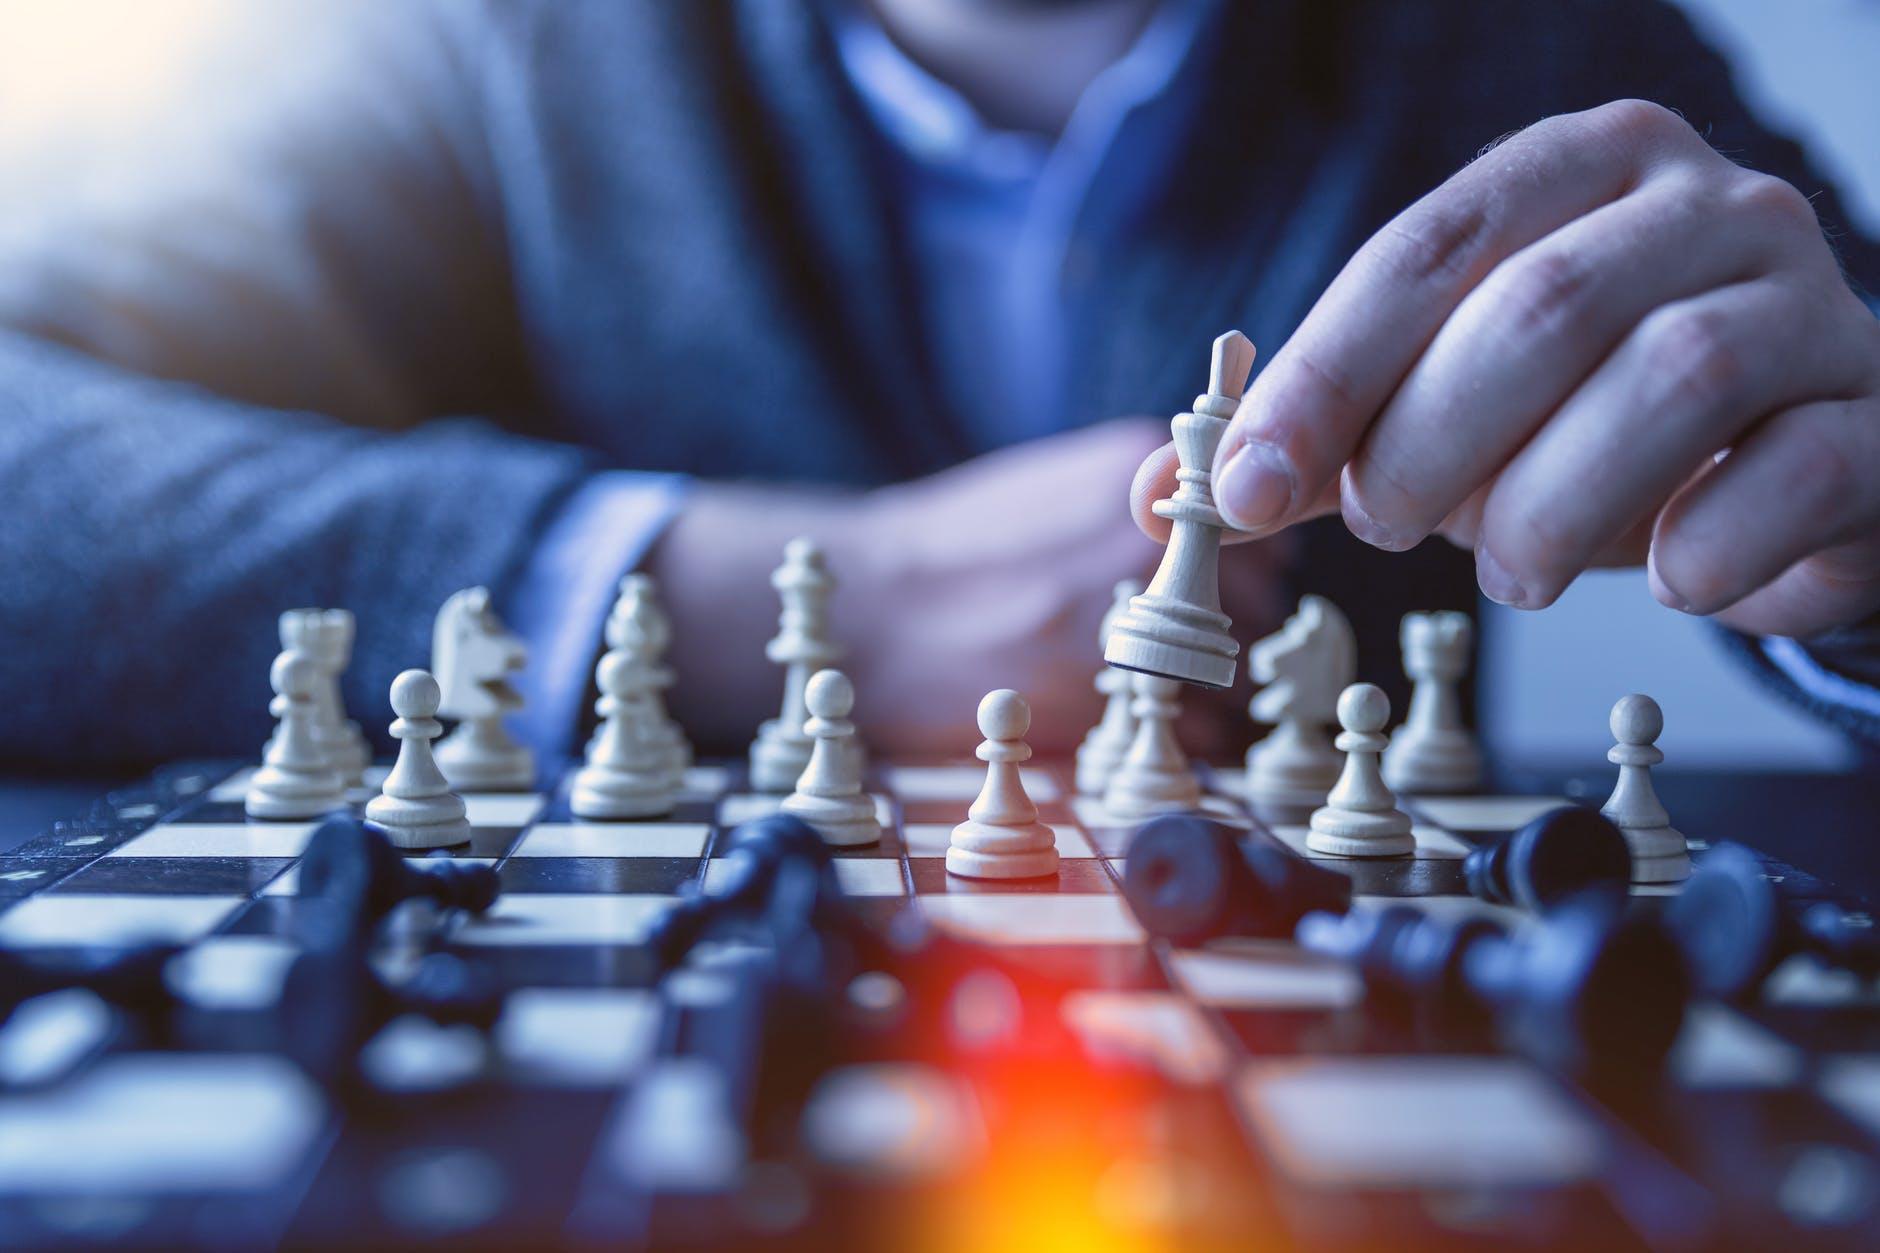 企業可以通過這些渠道將風險轉移或分擔出去